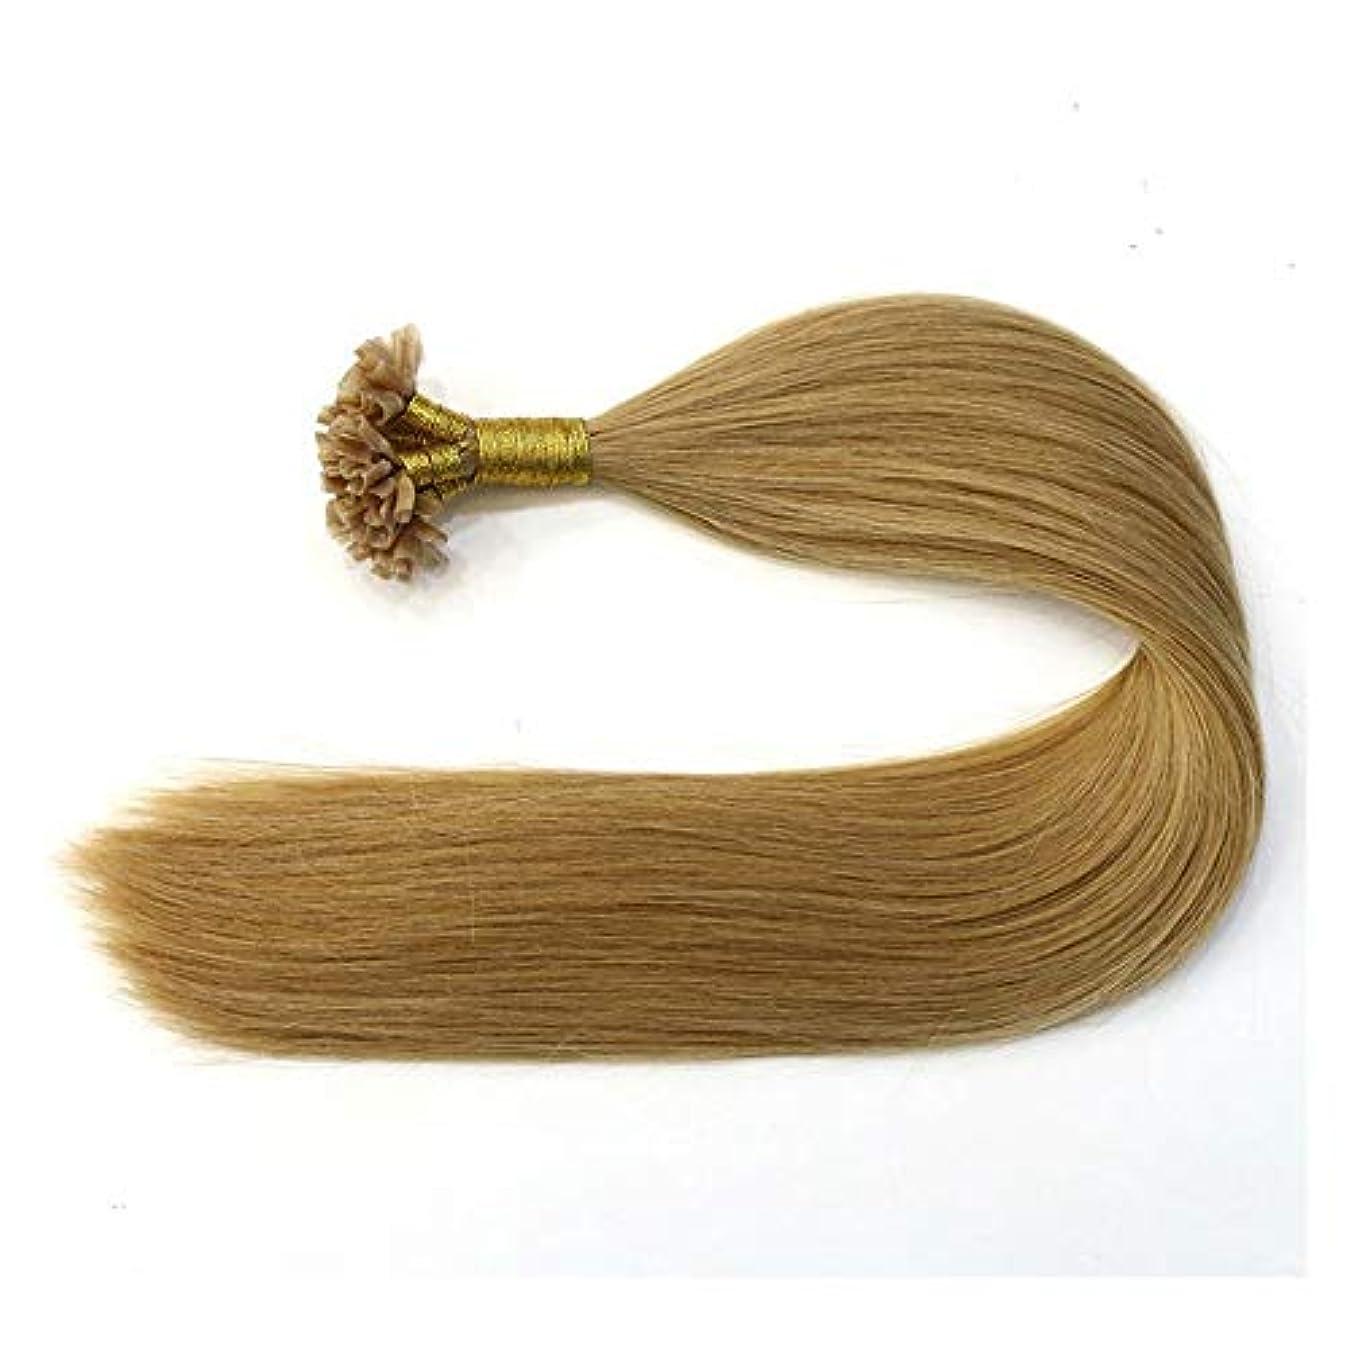 見つけた本地獄WASAIO リテラル人間の髪ナノリング機能拡張ブラウンシルキースクエアネイルチップクリップシームレスな髪型交換用の変更 (色 : Photo color, サイズ : 26 inch)